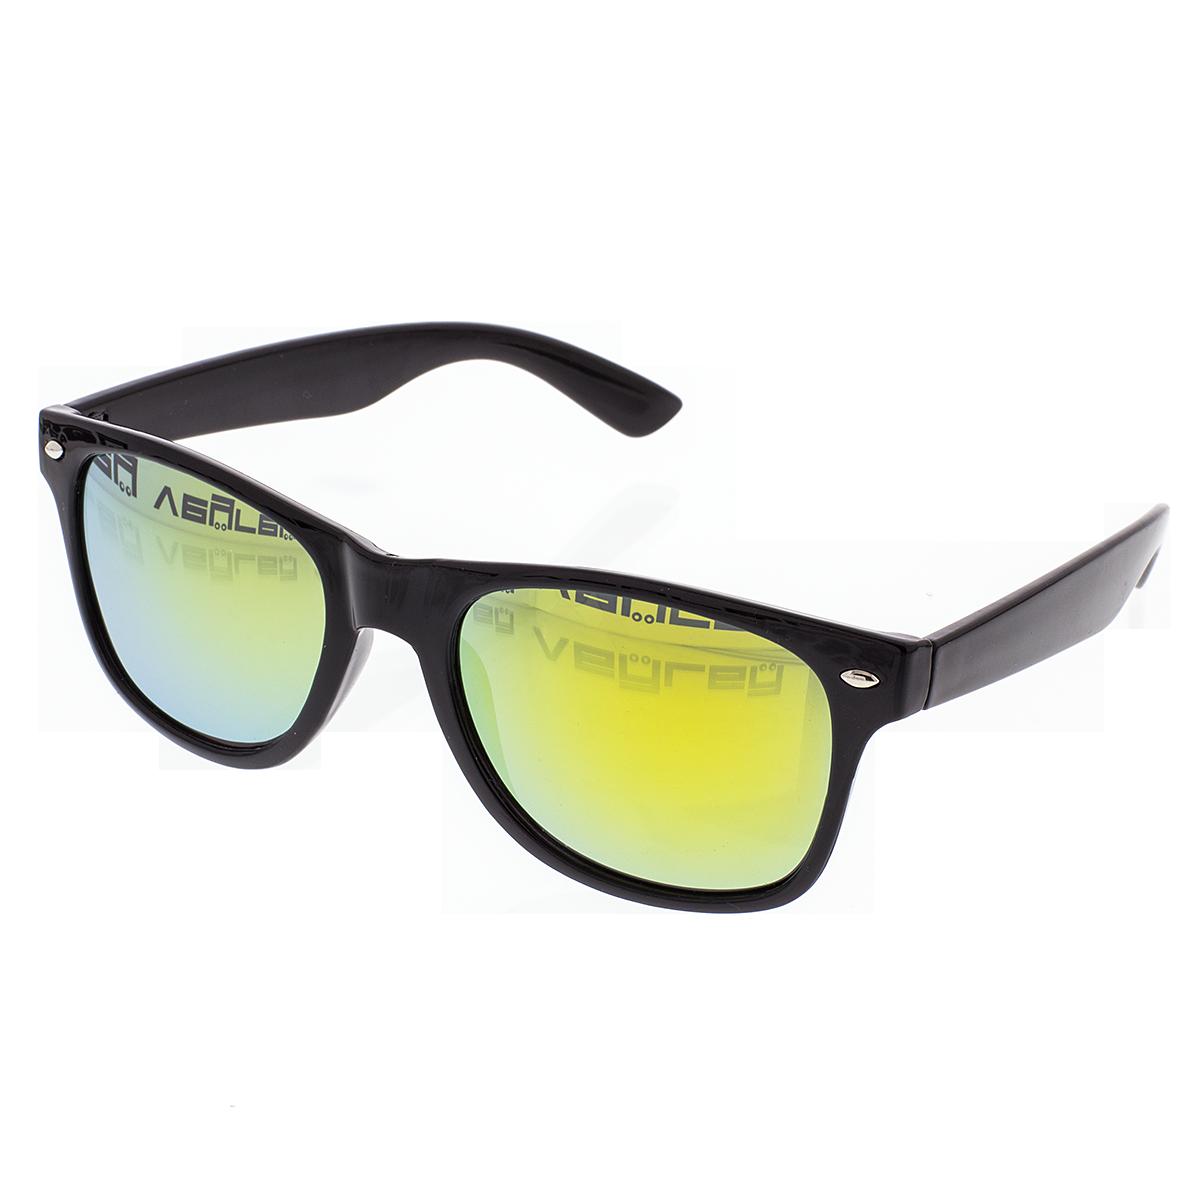 Napszemüveg VeyRey Nerd tükrös fekete sárga üveg - Glami.hu c62764c84e